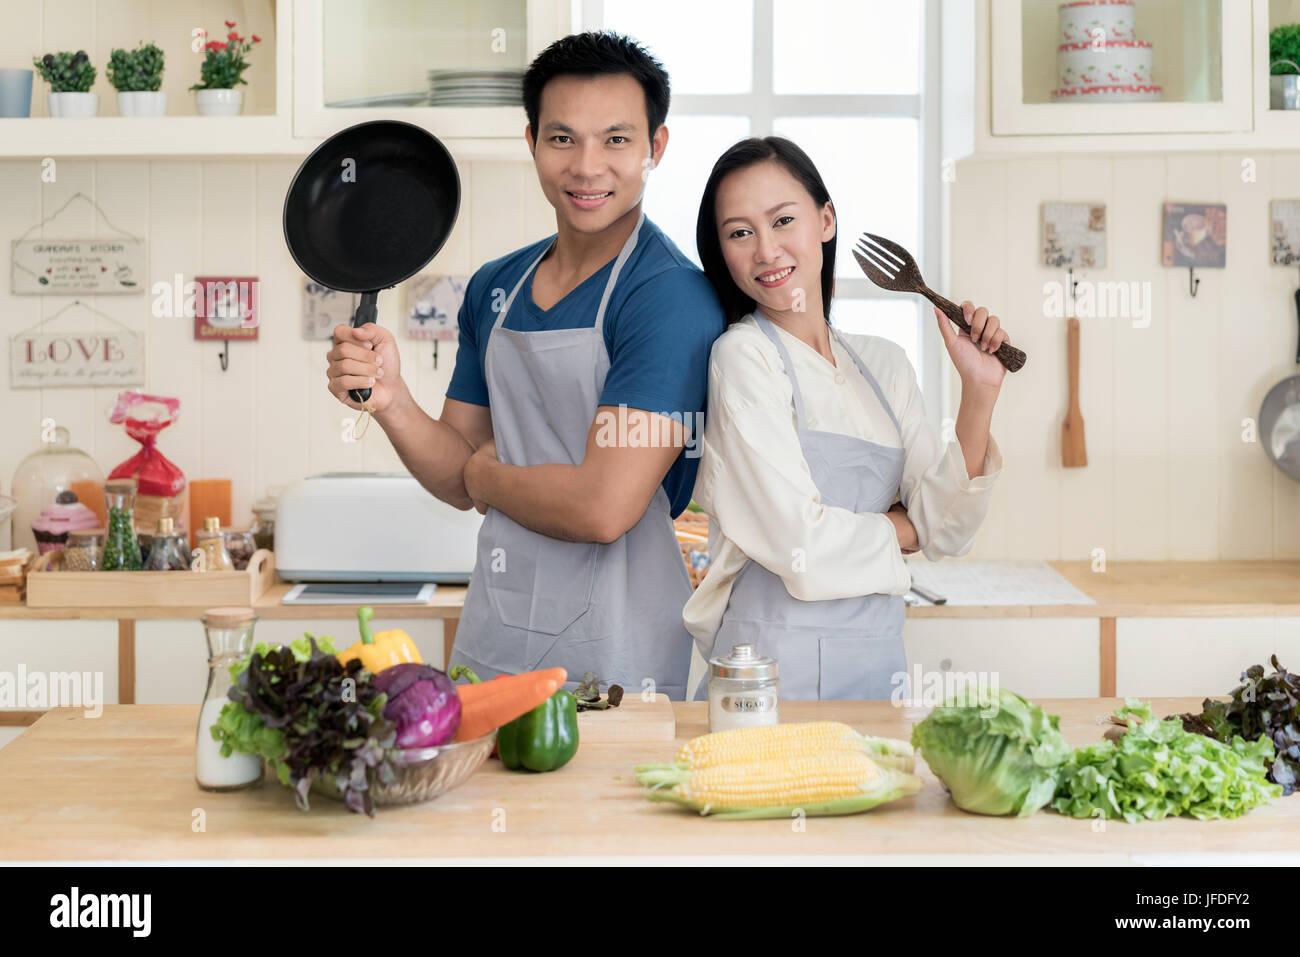 Young Asian paar Vorbereitung Essen gemeinsam am Schalter in der Küche. Glückliche Liebe paar Konzept. Stockbild